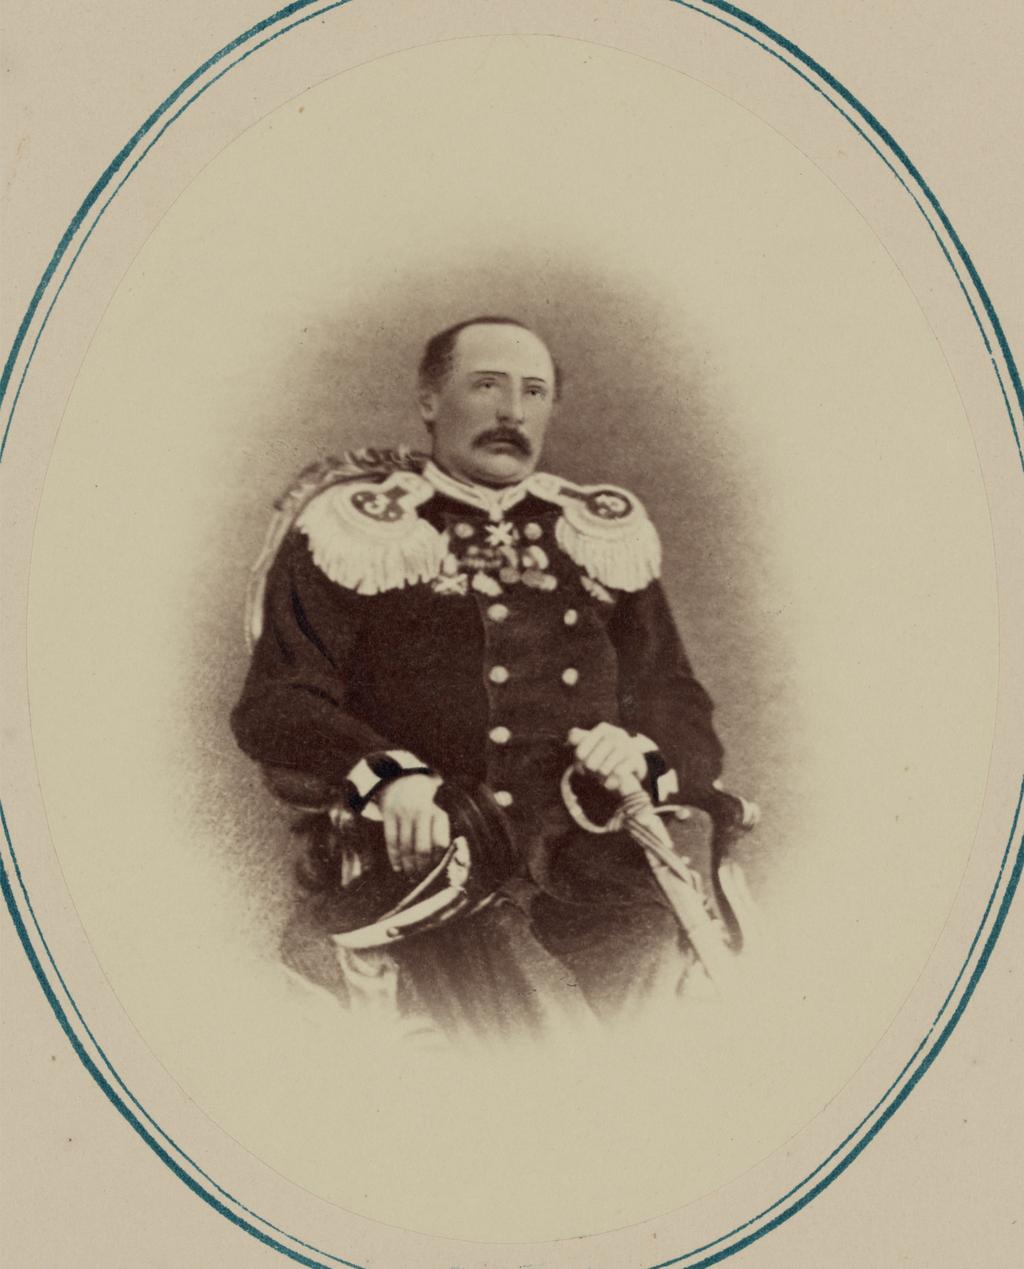 Георгиевские кавалеры и награжденные золотым оружием. За взятие укрепления Джизак 18 октября 1866 г. Майор армейской пехоты барон фон Ю. Н. Рене